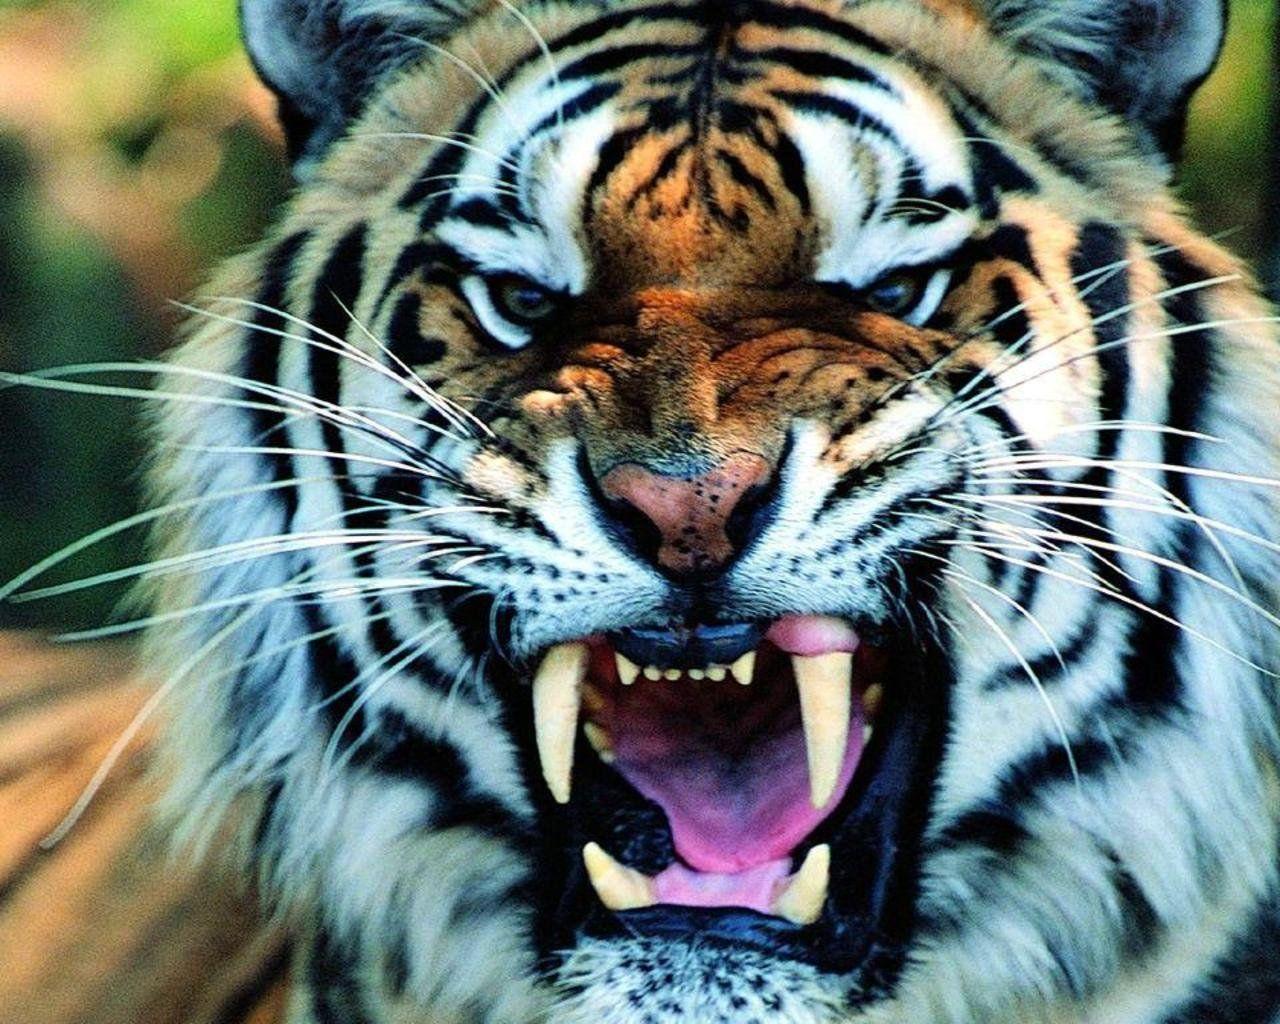 Tiger Wallpaper Mobile Tiger wallpaper Pet tiger Tiger 1280x1024